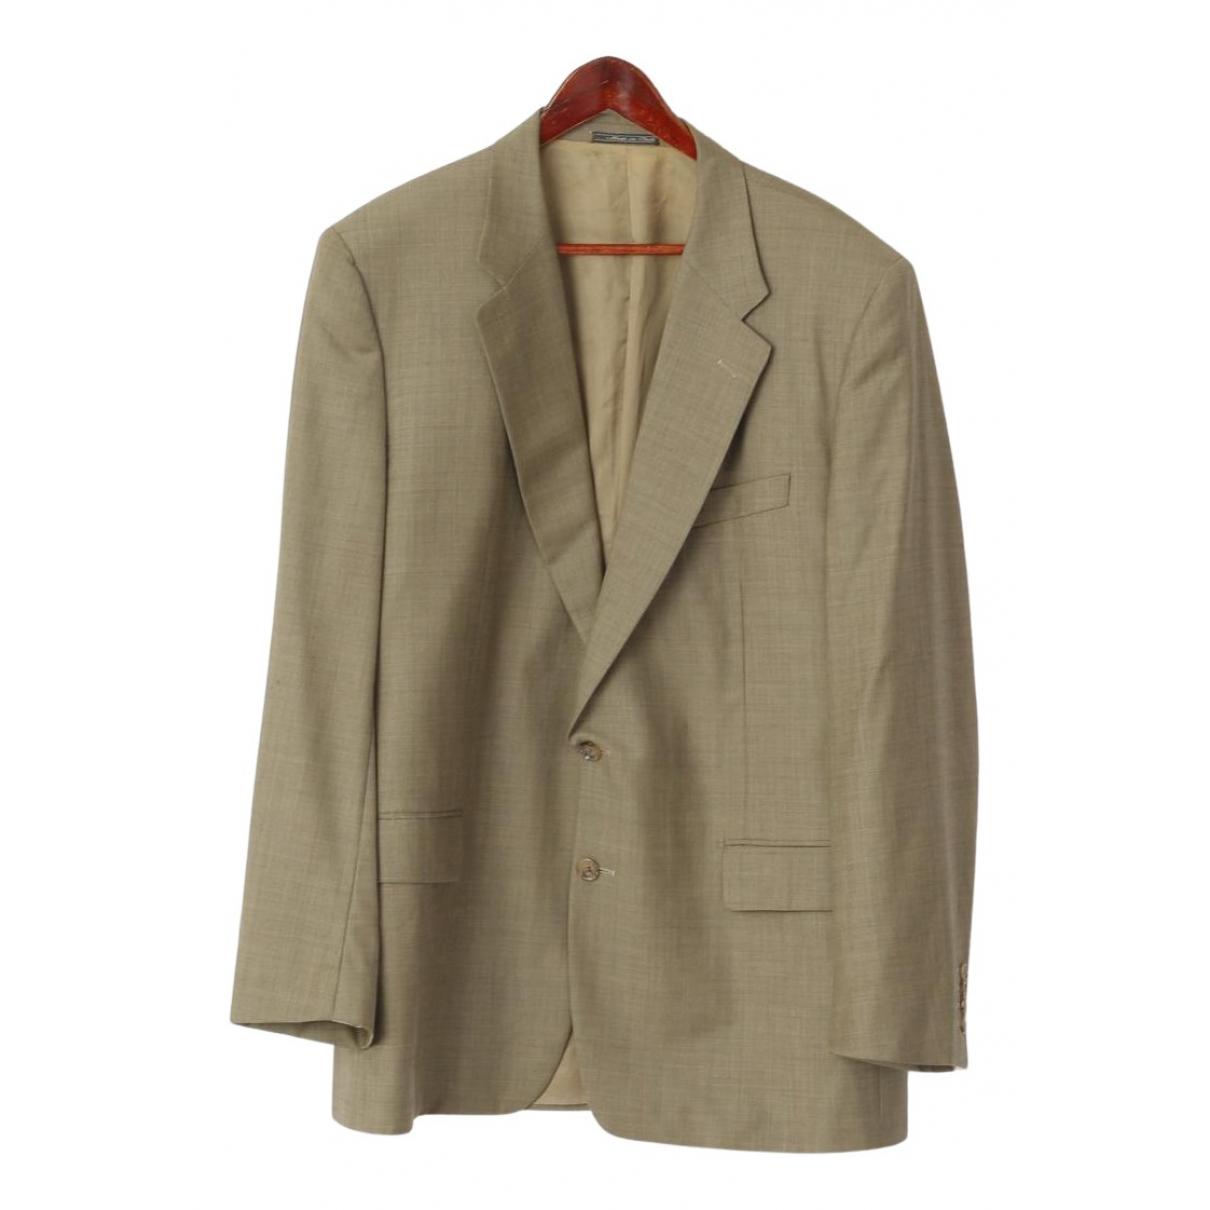 Corneliani - Vestes.Blousons   pour homme en laine - beige